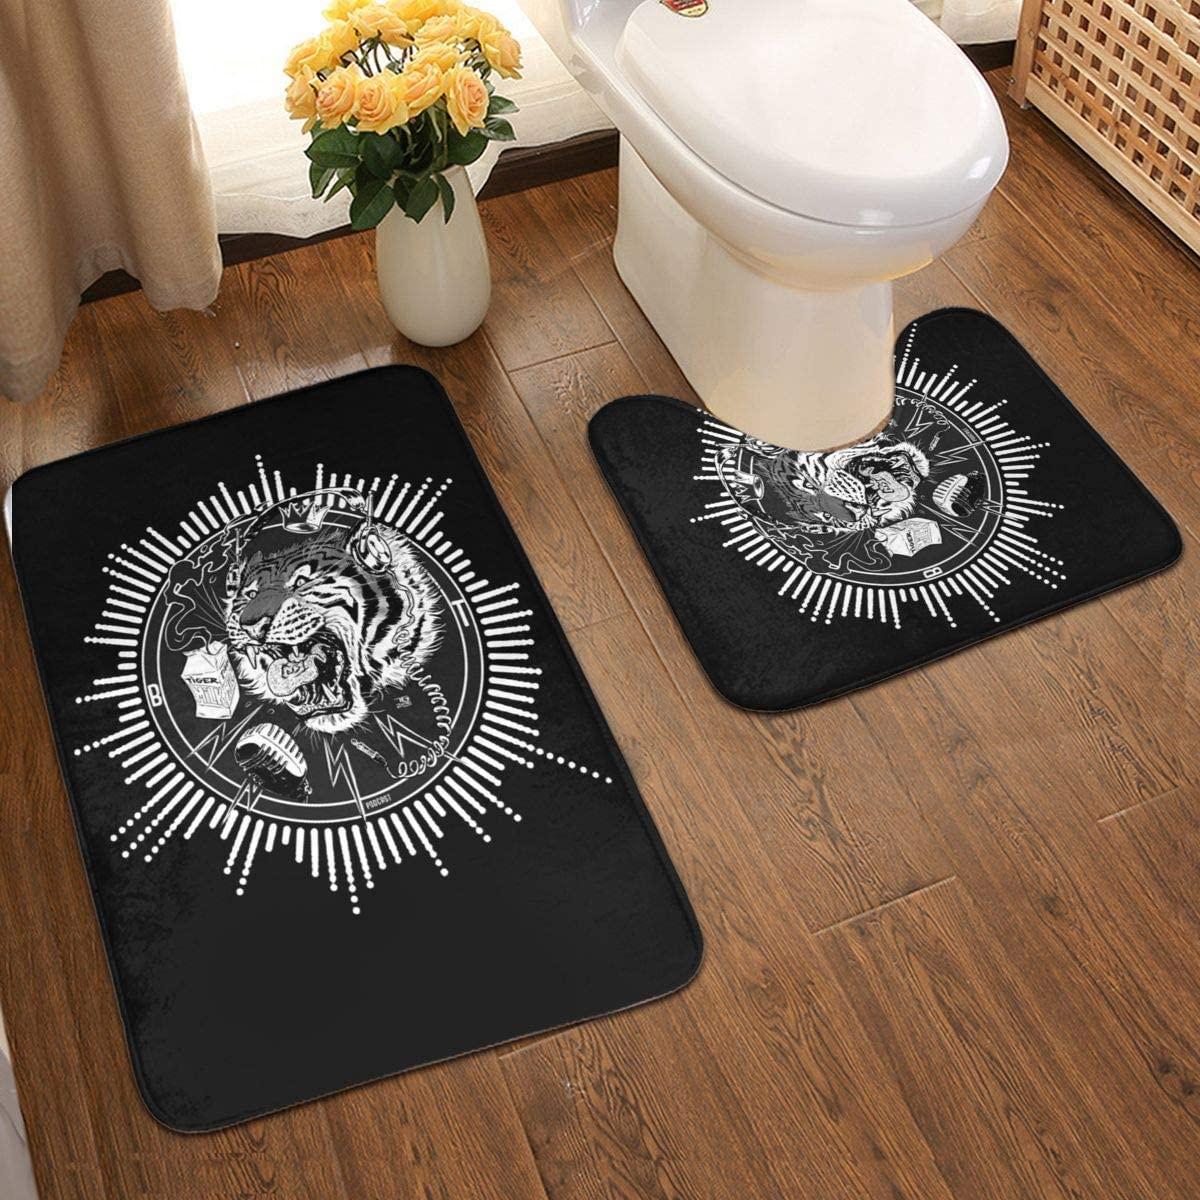 Blue Tiger Black Bathroom Antiskid Pad Non-Slip Bath Carpet Floor Mat Rug 2 Sets -Floor Mat+U-Shaped Pad, Toilet Washable Blanket Mats for Bathroom Home Shower